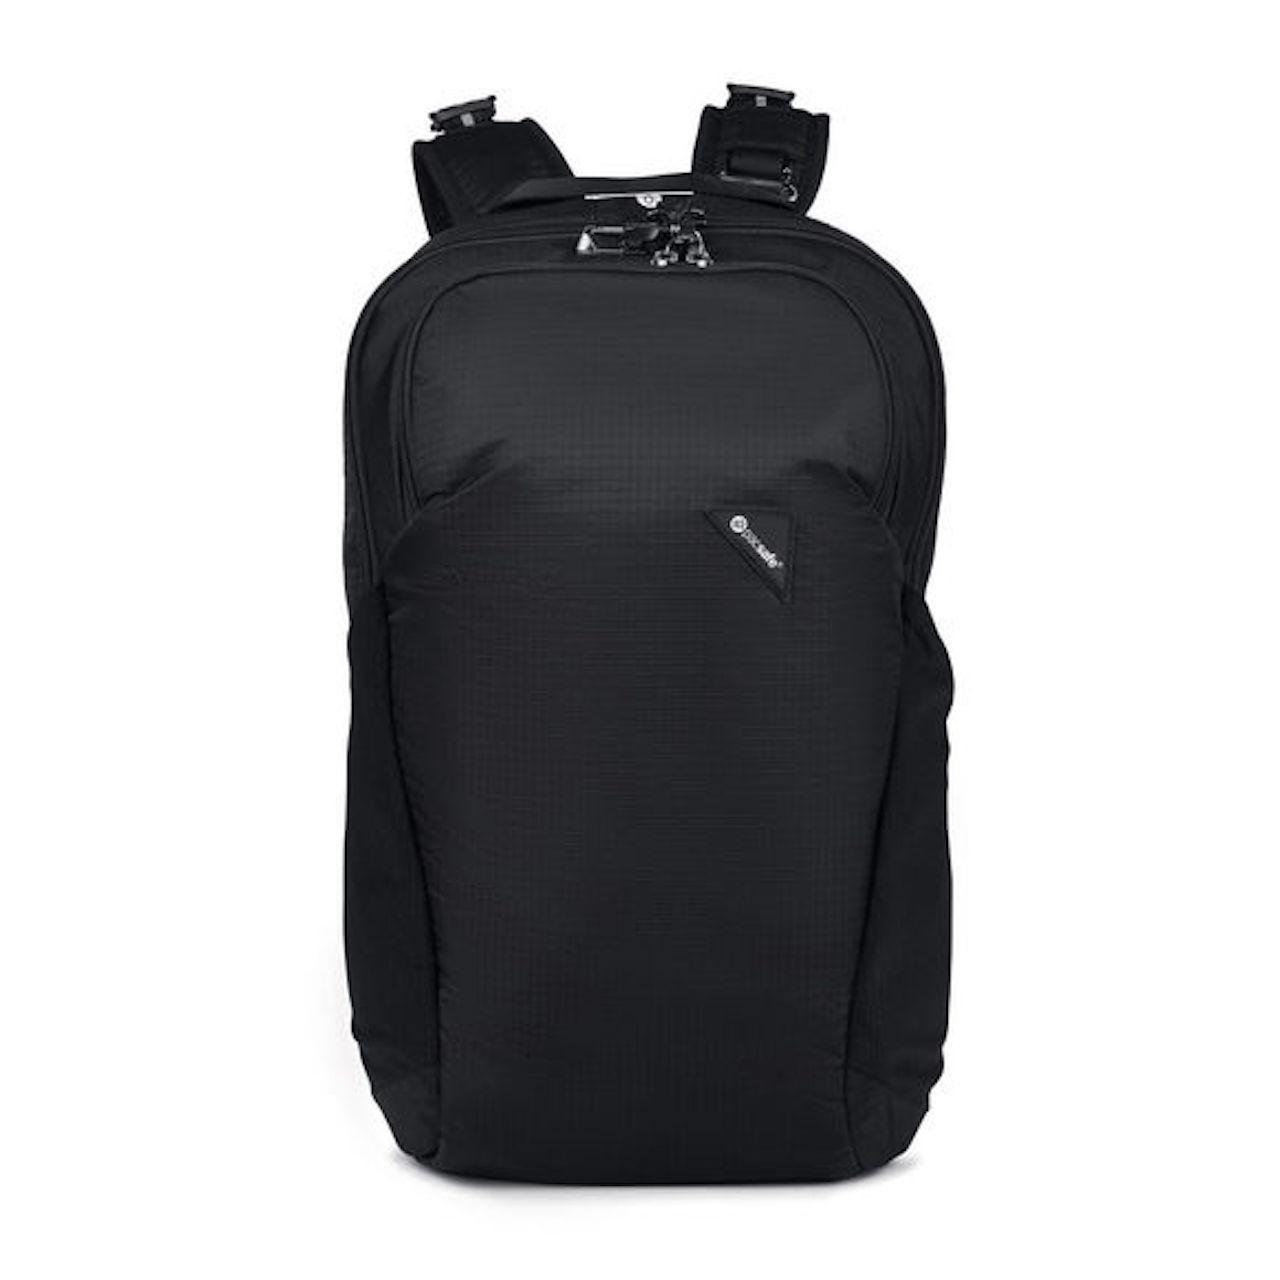 Рюкзак городской Pacsafe Рюкзак антивор Vibe 20L, цвет: черная смола, 20 л., черный цены